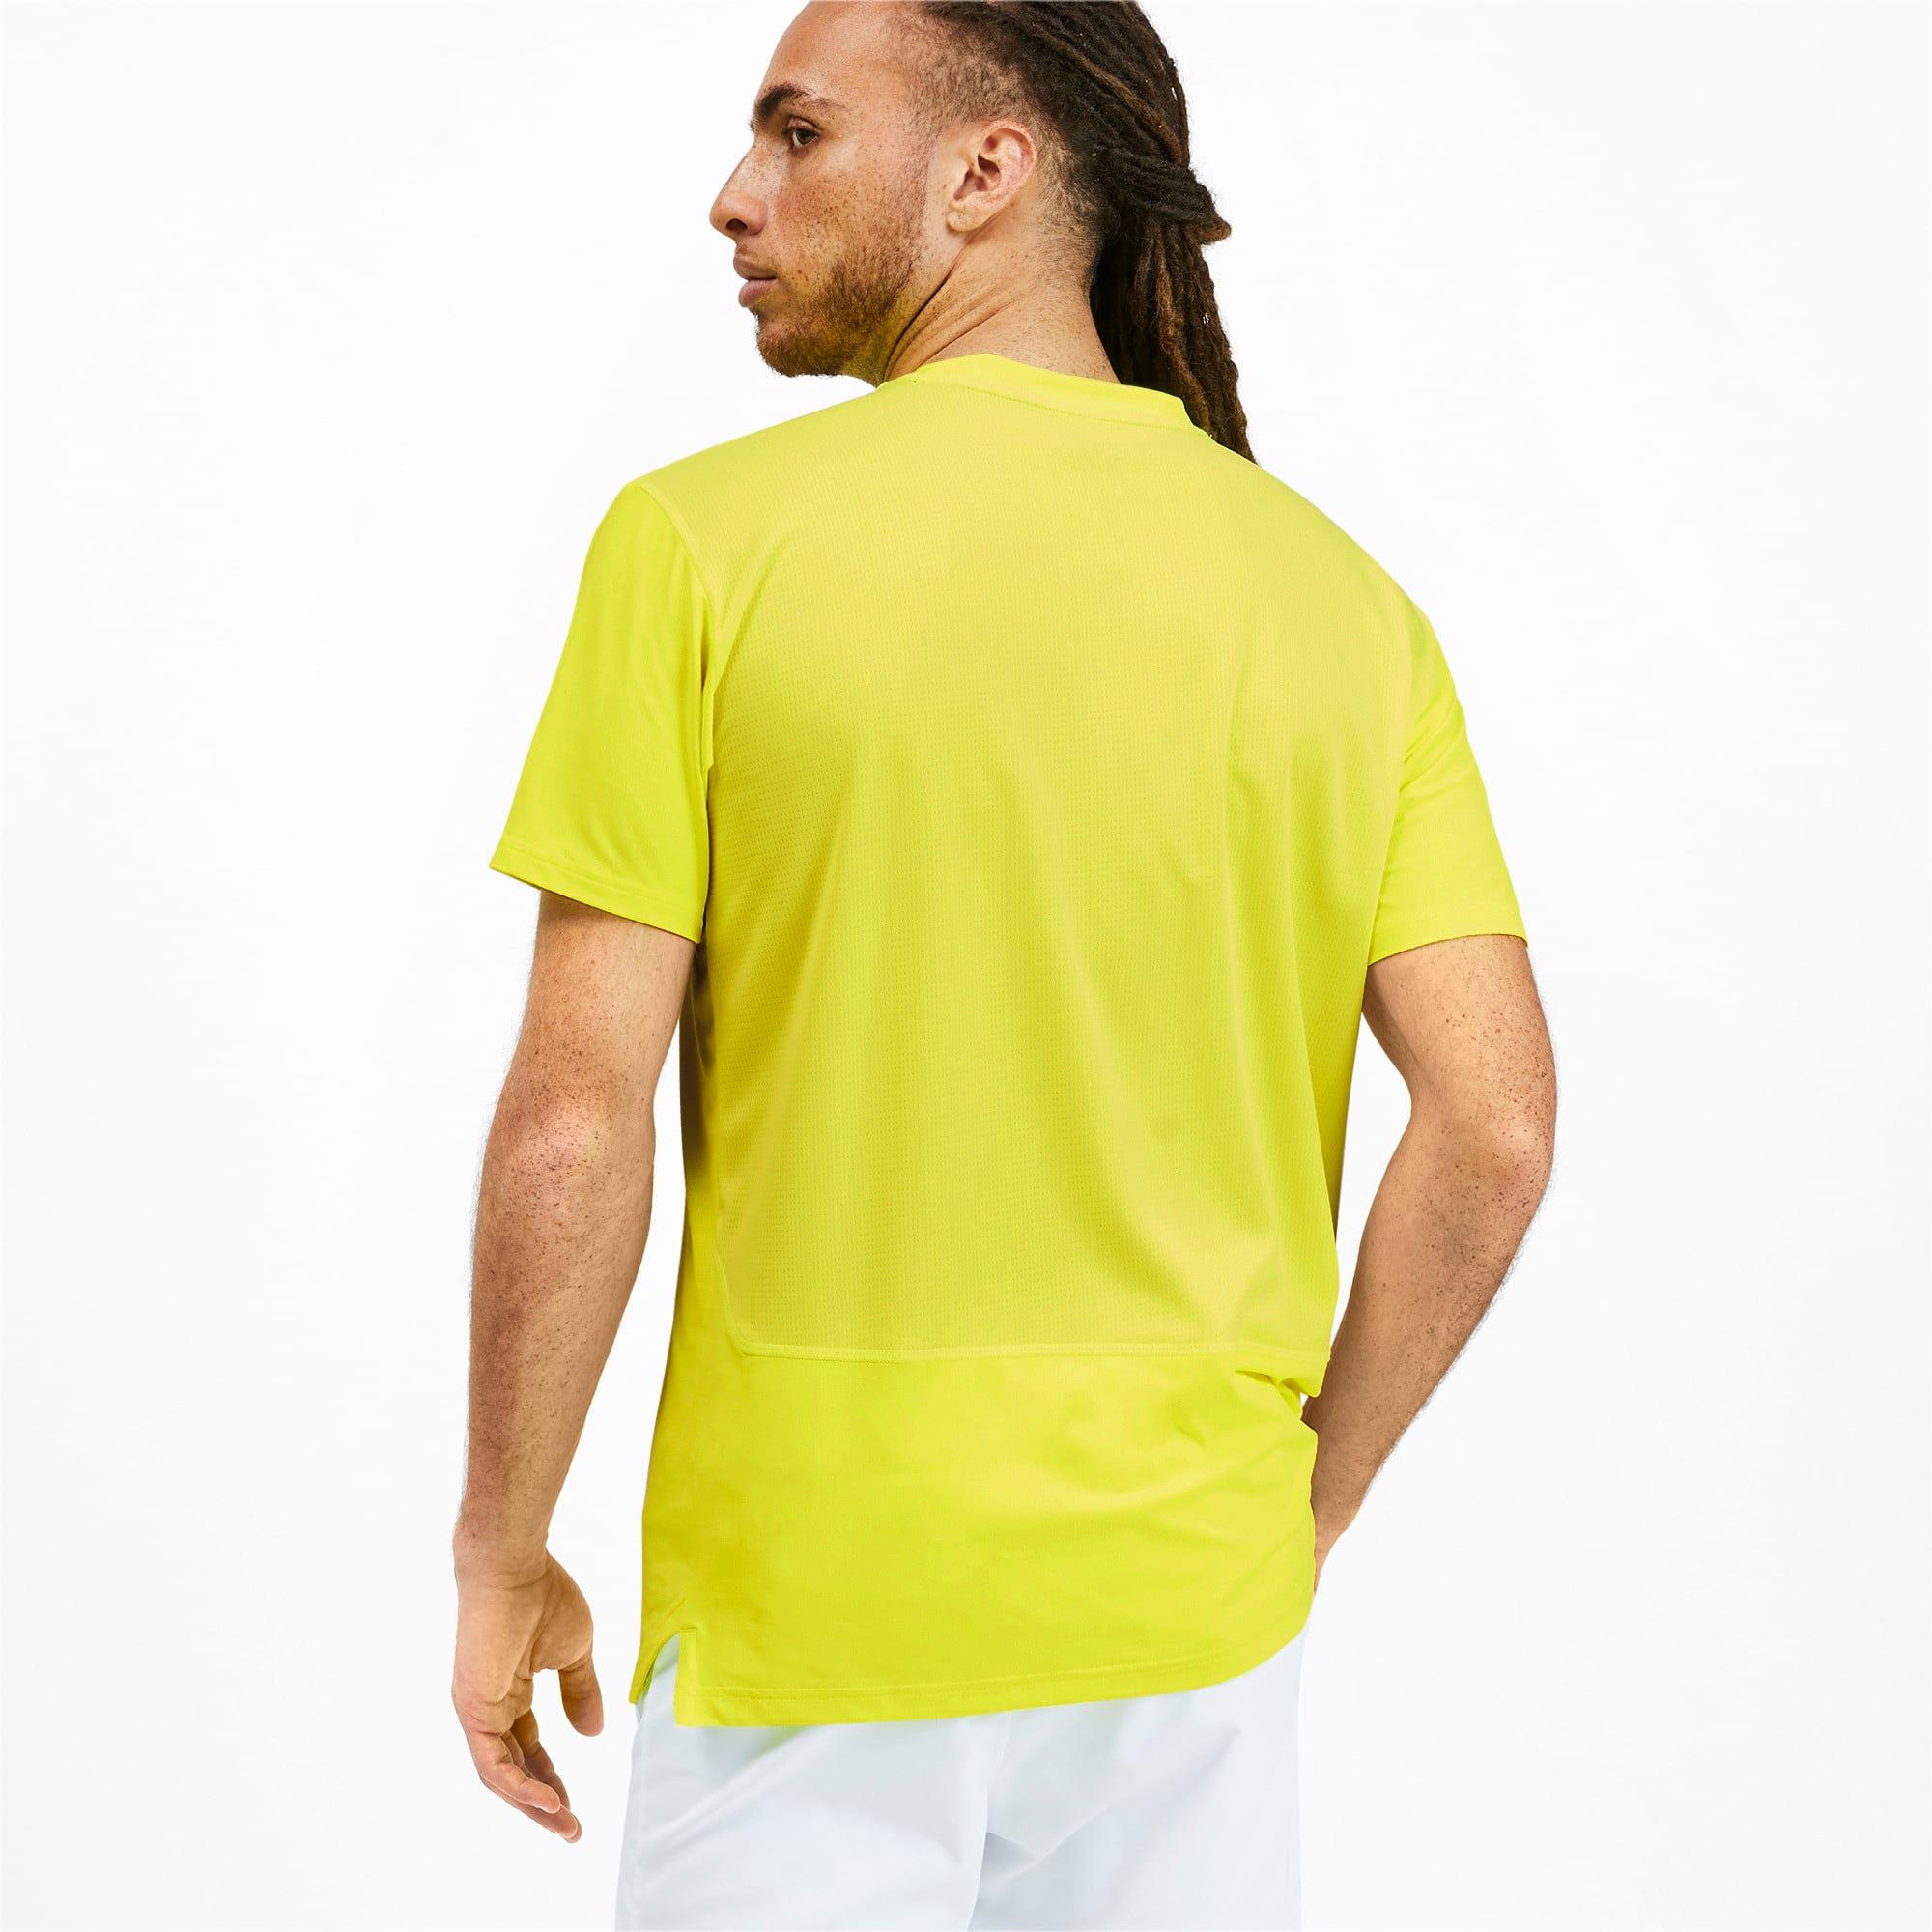 Miniatura 2 de Camiseta reflectante Tech para hombre, Yellow Alert, mediano